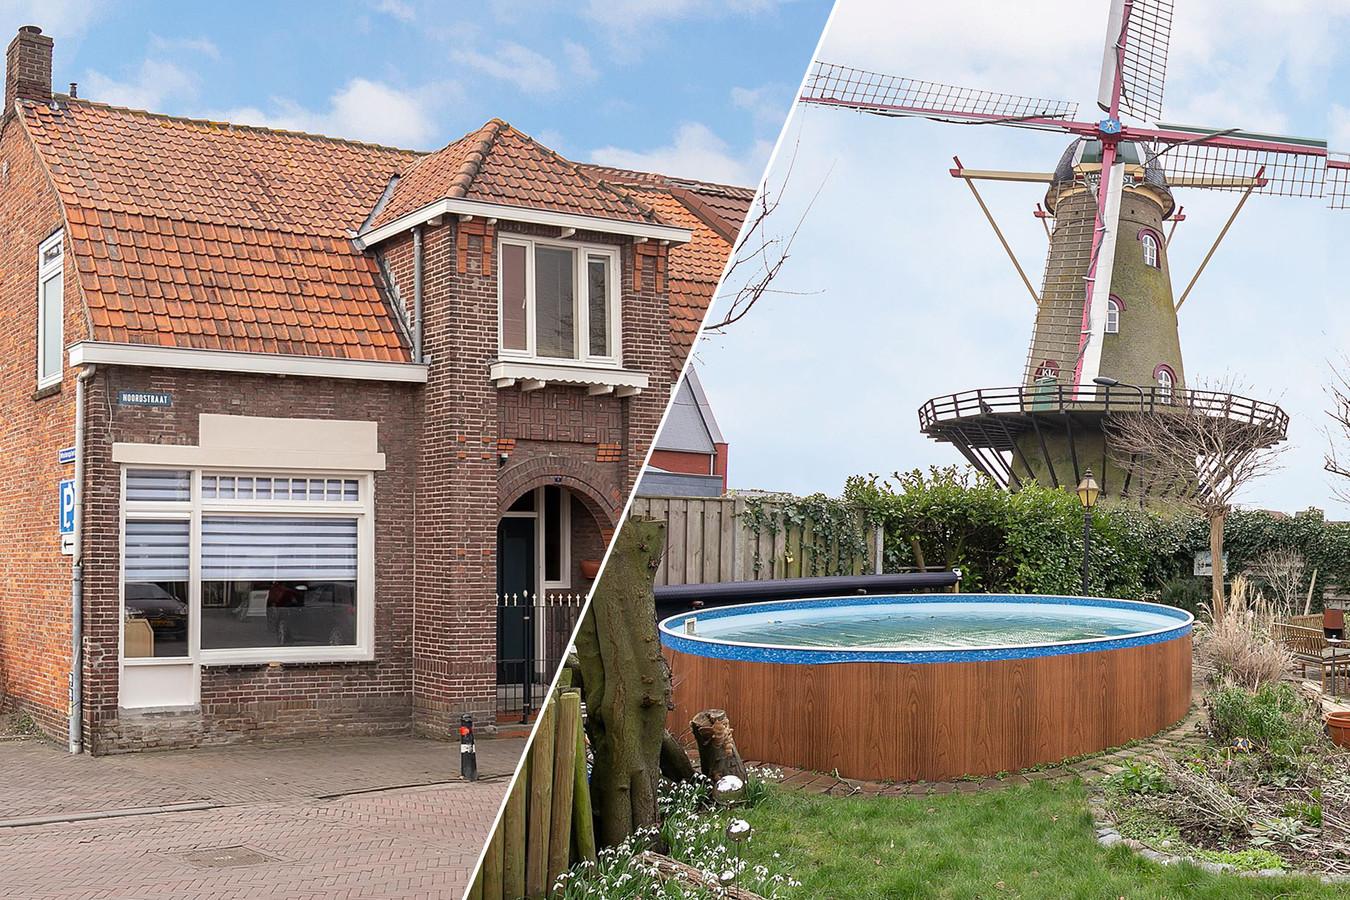 Huis met zwembad en mooi uitzicht in Hoek.